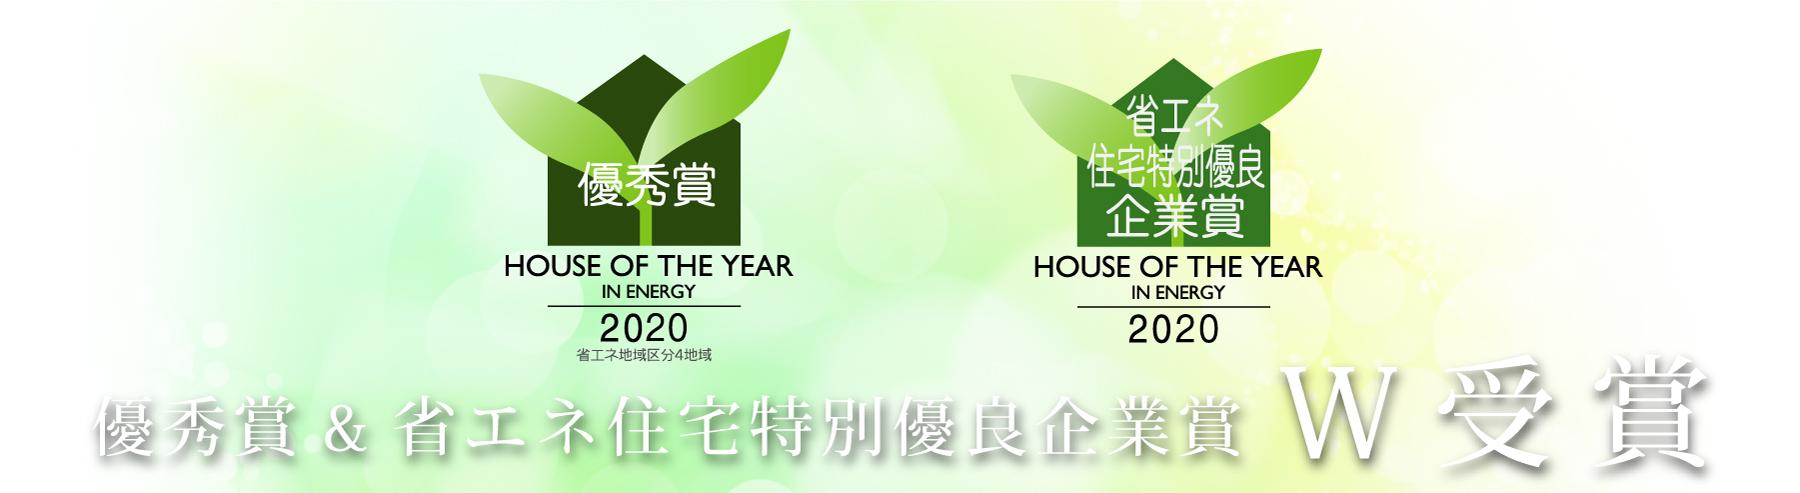 ハウス・オブ・ザ・イヤー・イン・エナジー2020 優秀賞 省エネ住宅特別優良企業賞 受賞